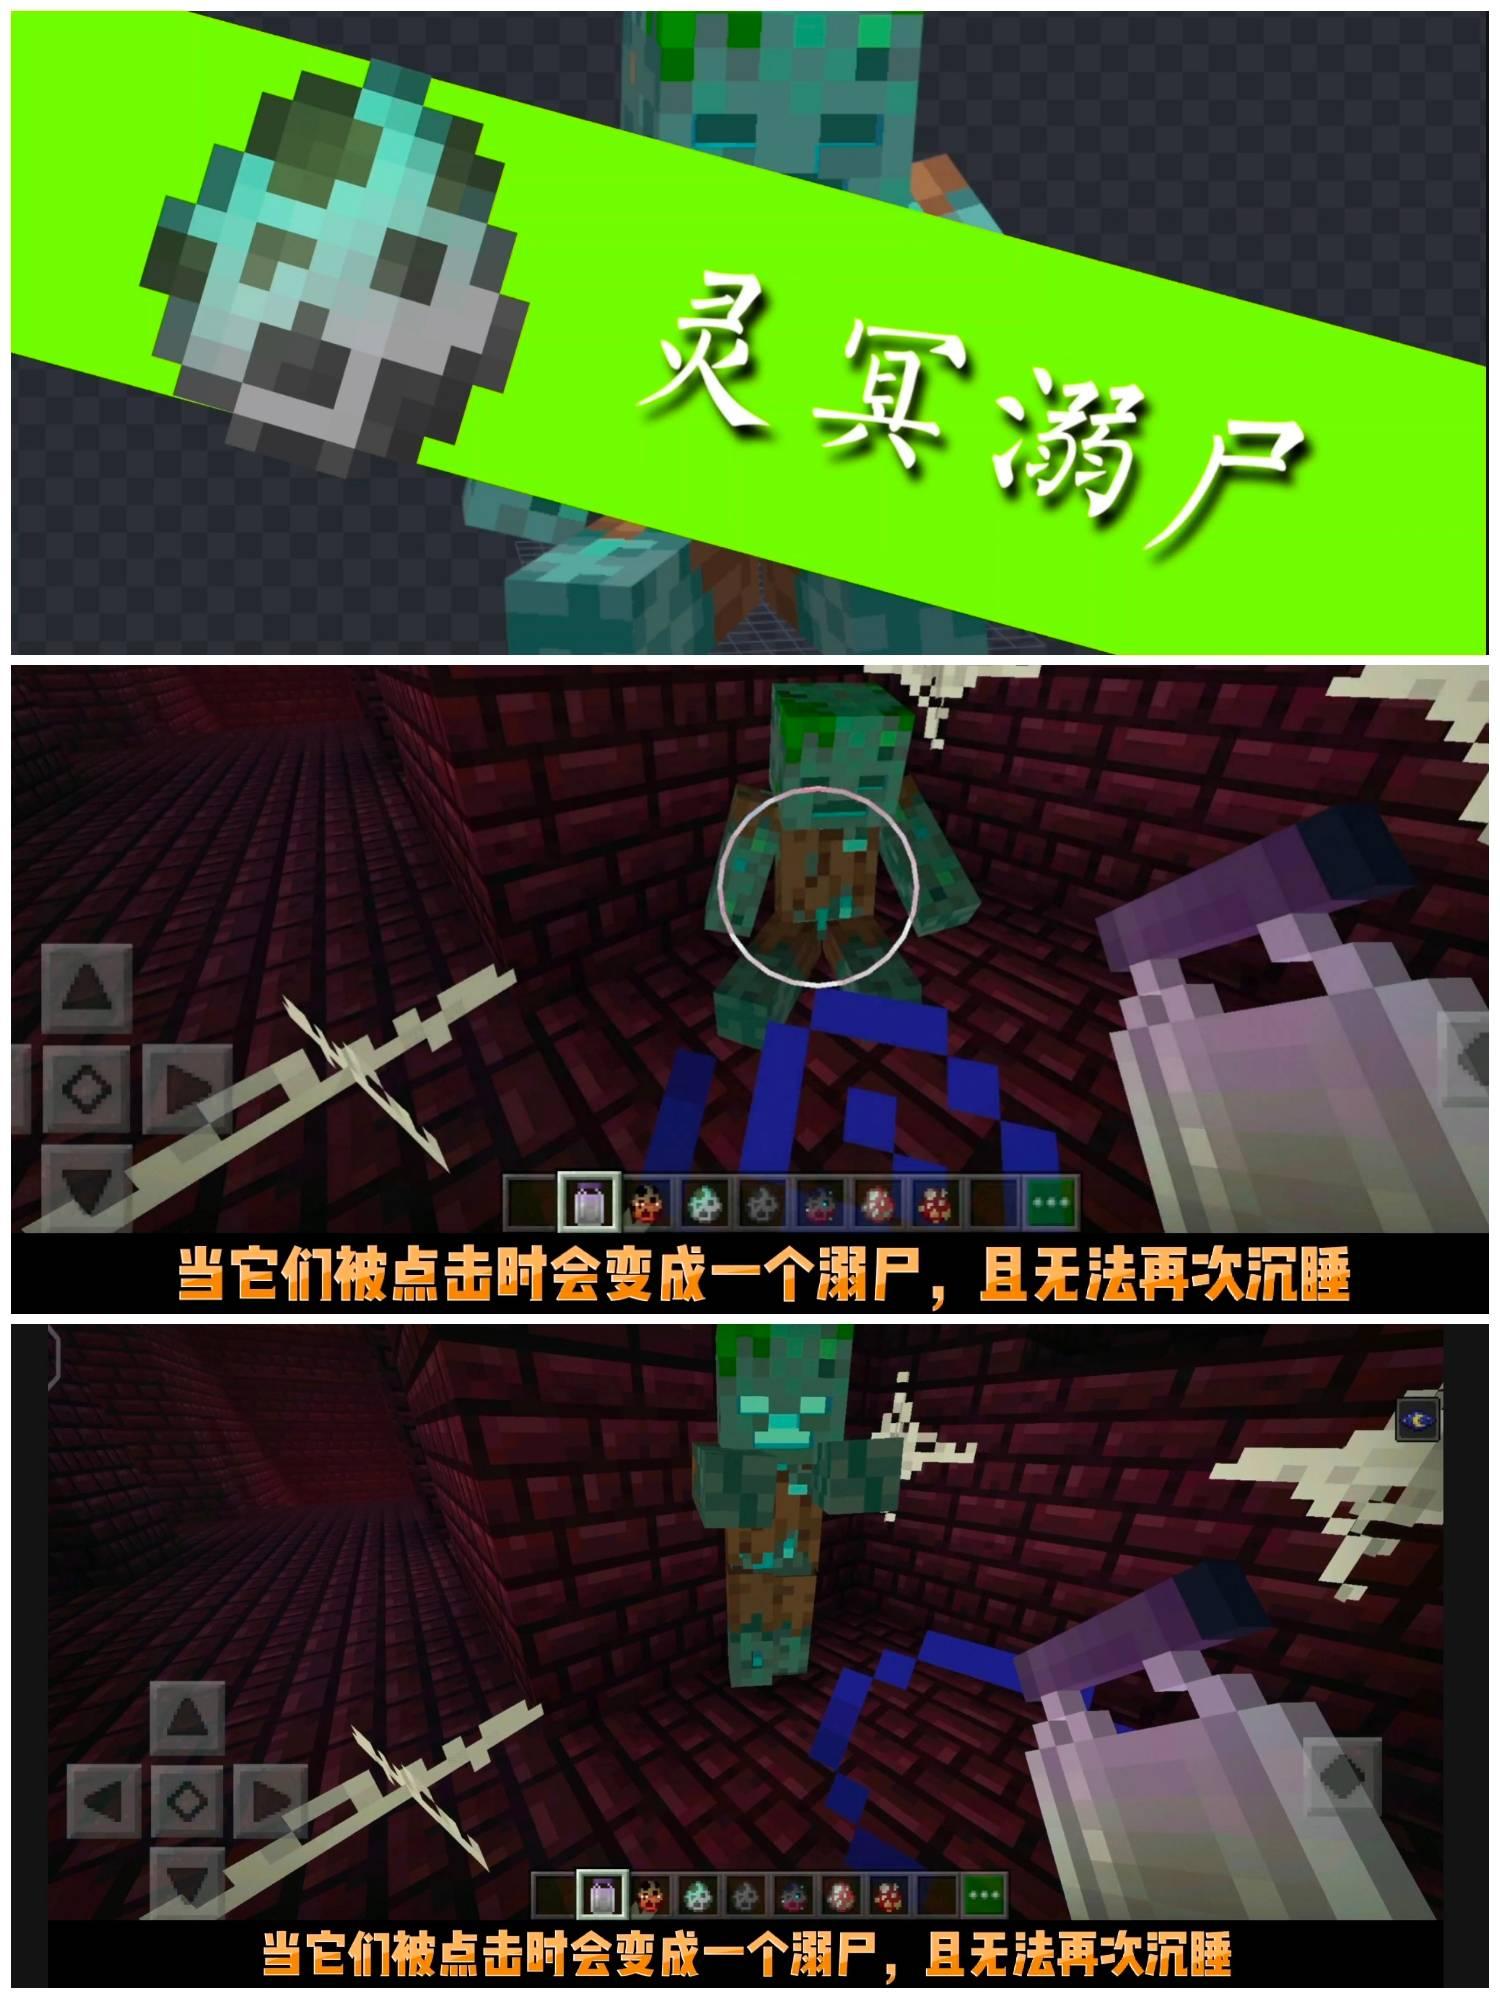 file_1600144052000.jpg